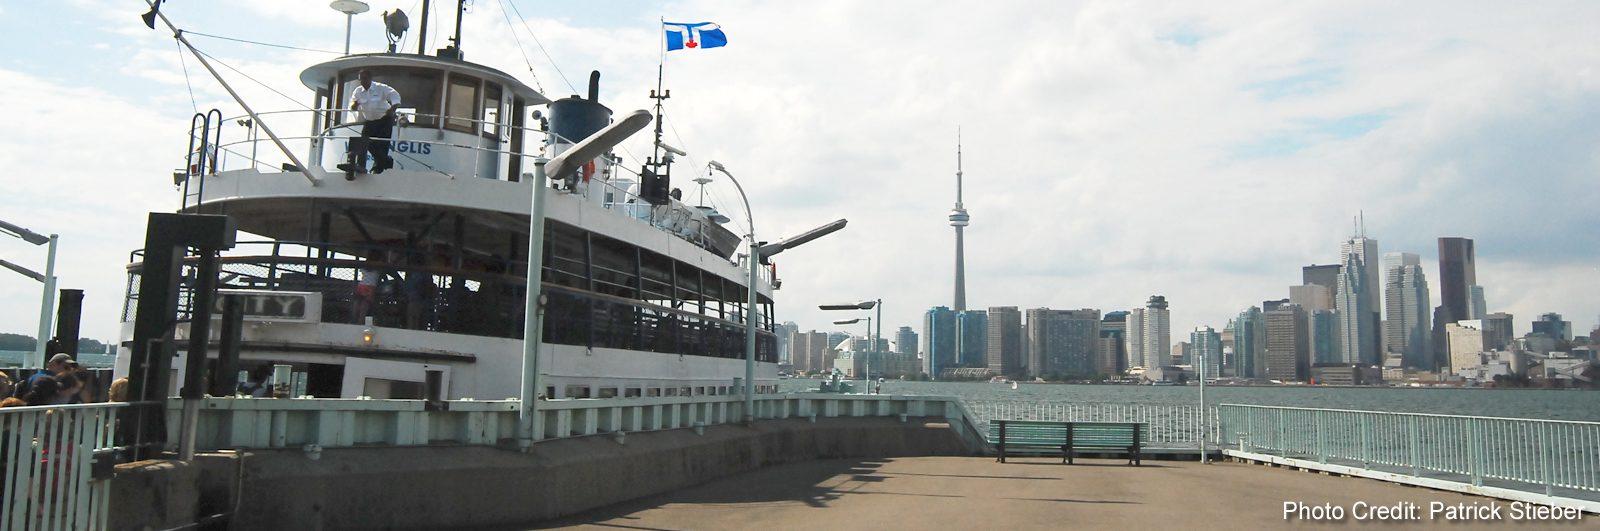 Toronto - Toronto Island Ferry And City -sliver (Patrick Stieber).jpg1 copy